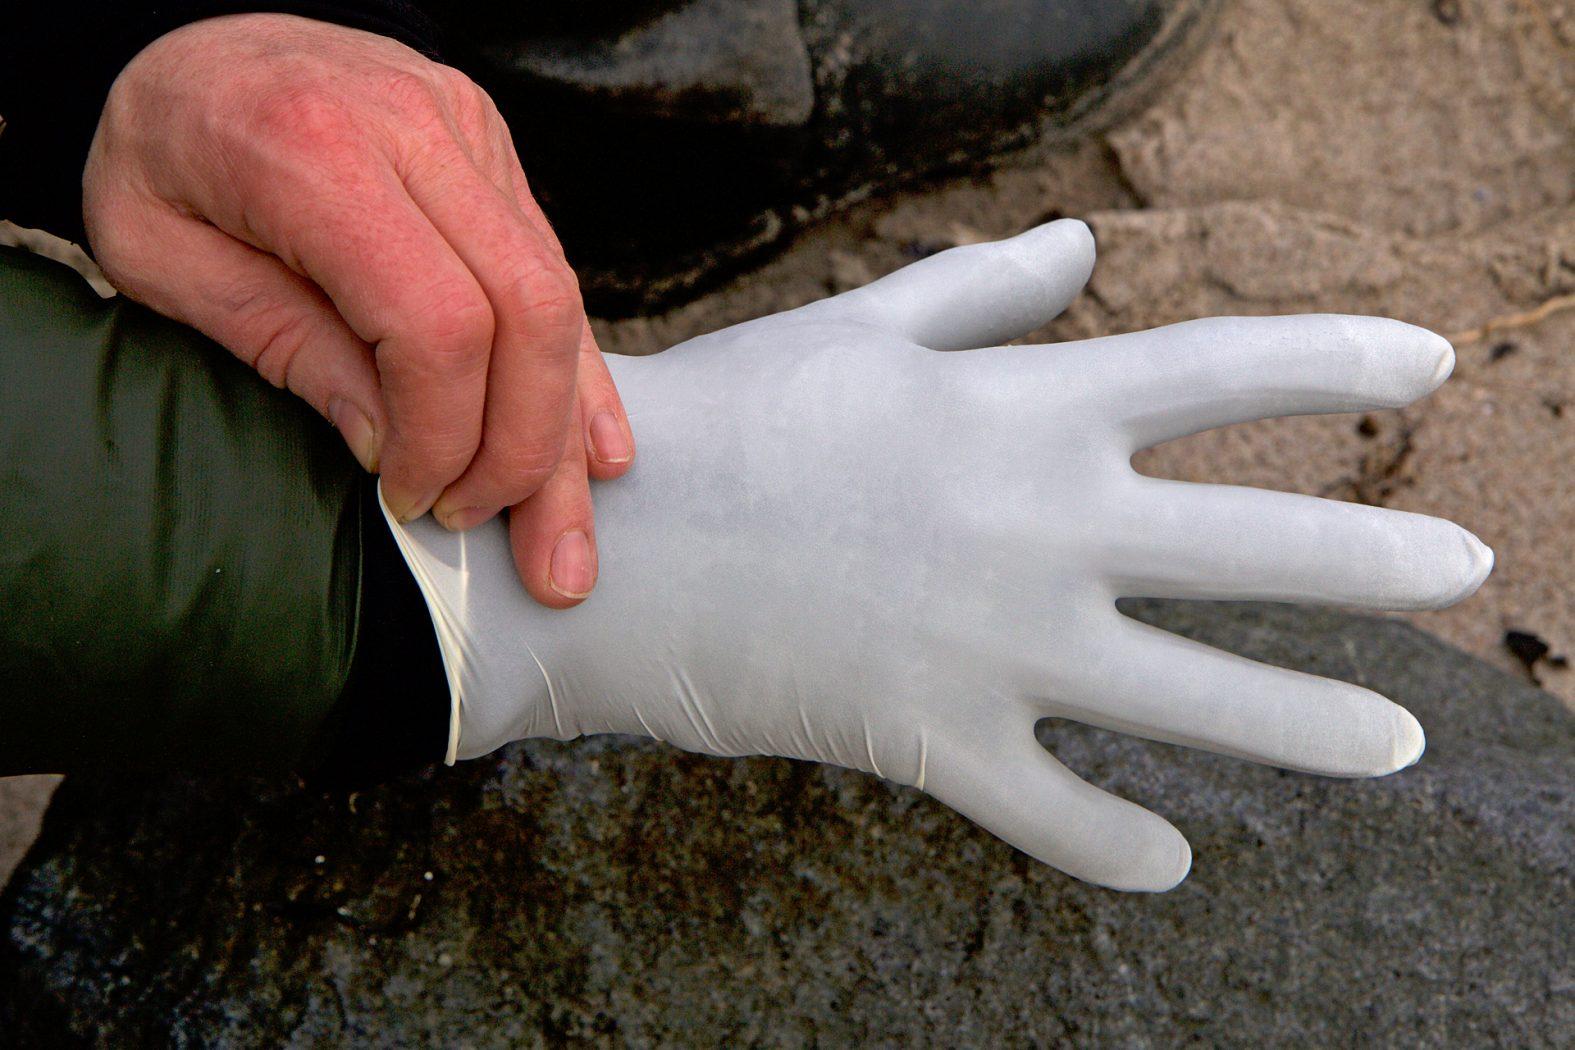 wasserdichte Handschuhe für Angler